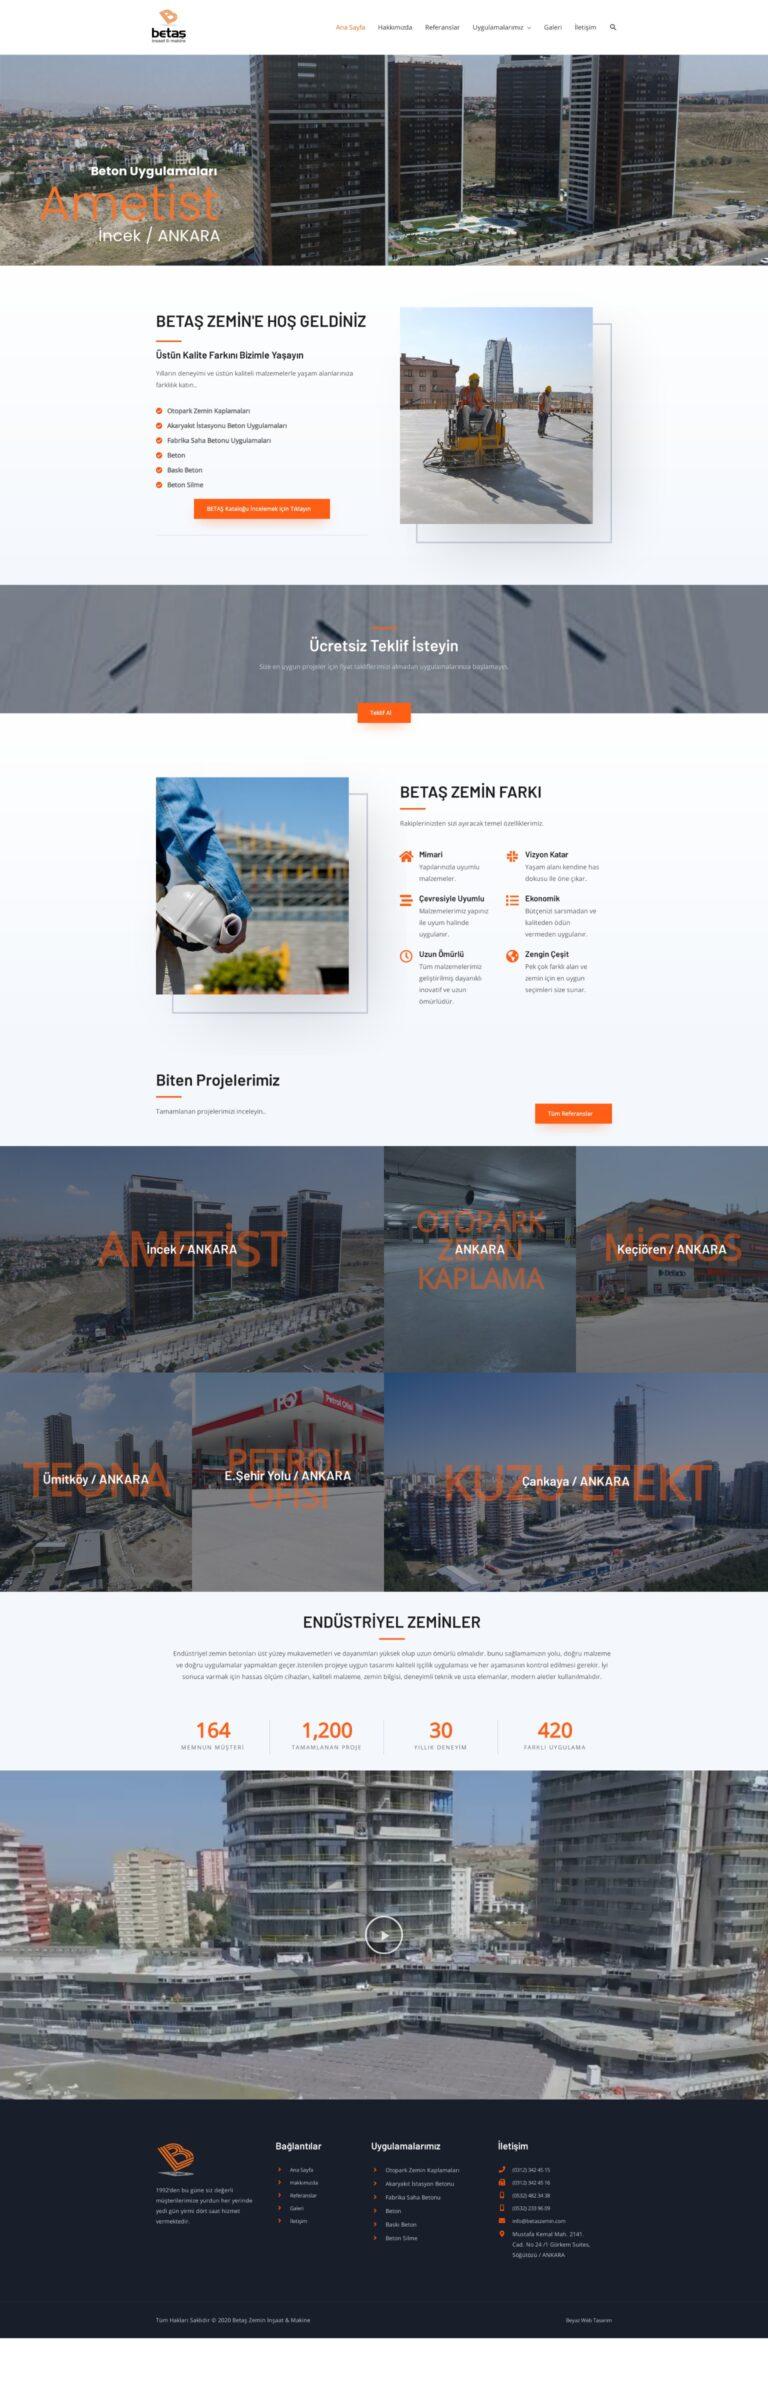 betaş zemin web tasarım örneği